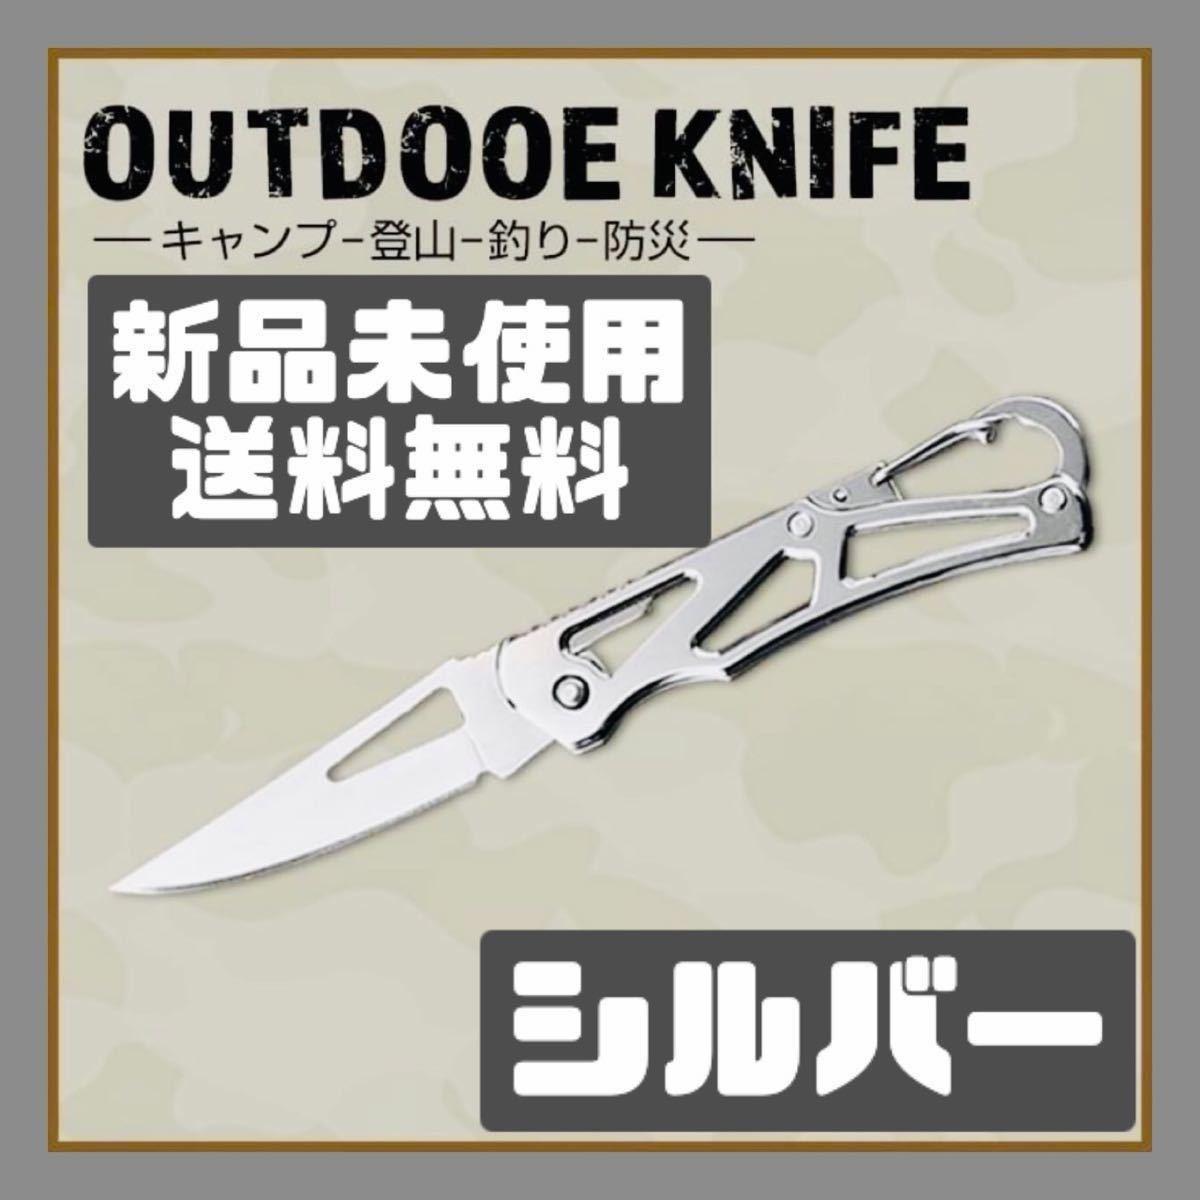 カラビナ 折りたたみ ナイフ 銀色 釣り キャンプ サバイバル フィッシング